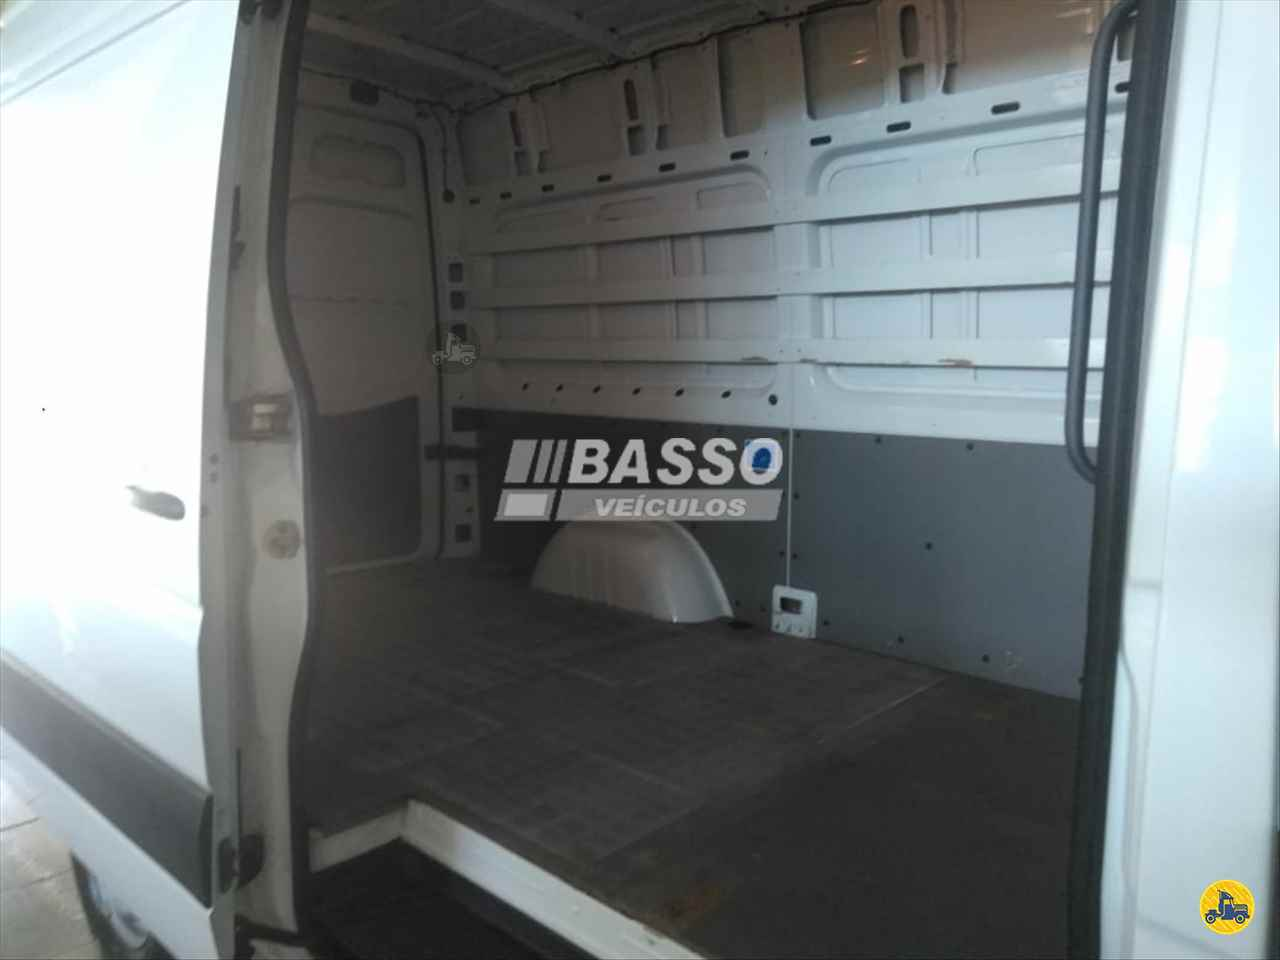 MERCEDES-BENZ Sprinter Furgão 415 80076km 2018/2019 Basso Veículos